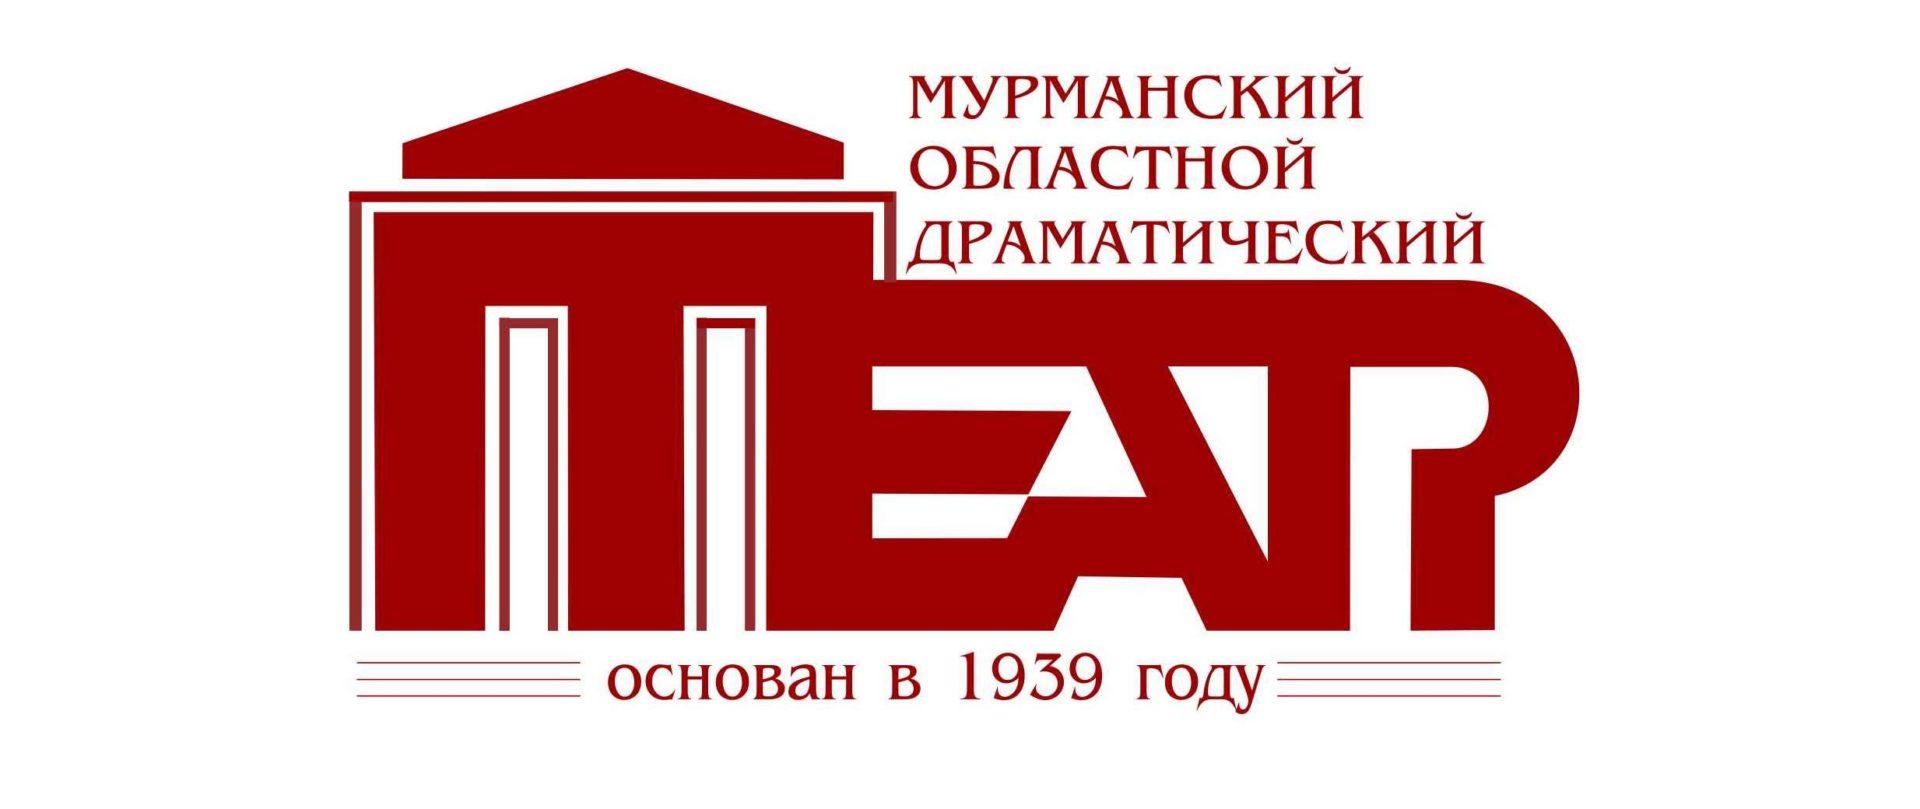 Новости театра